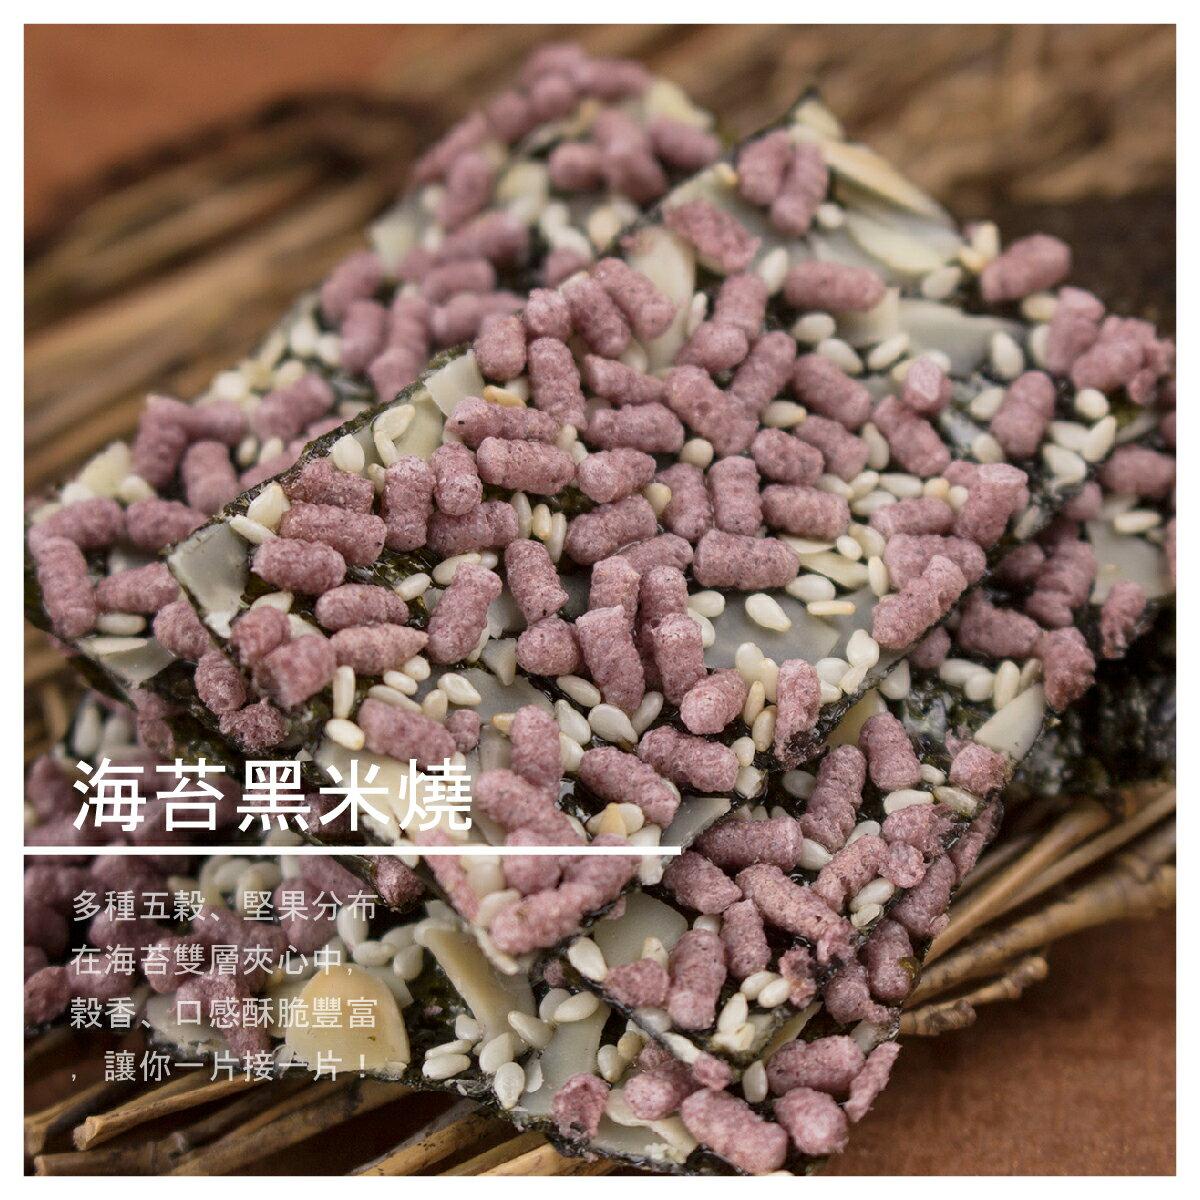 【巧味臻安心食品】海苔黑米燒 150g/包